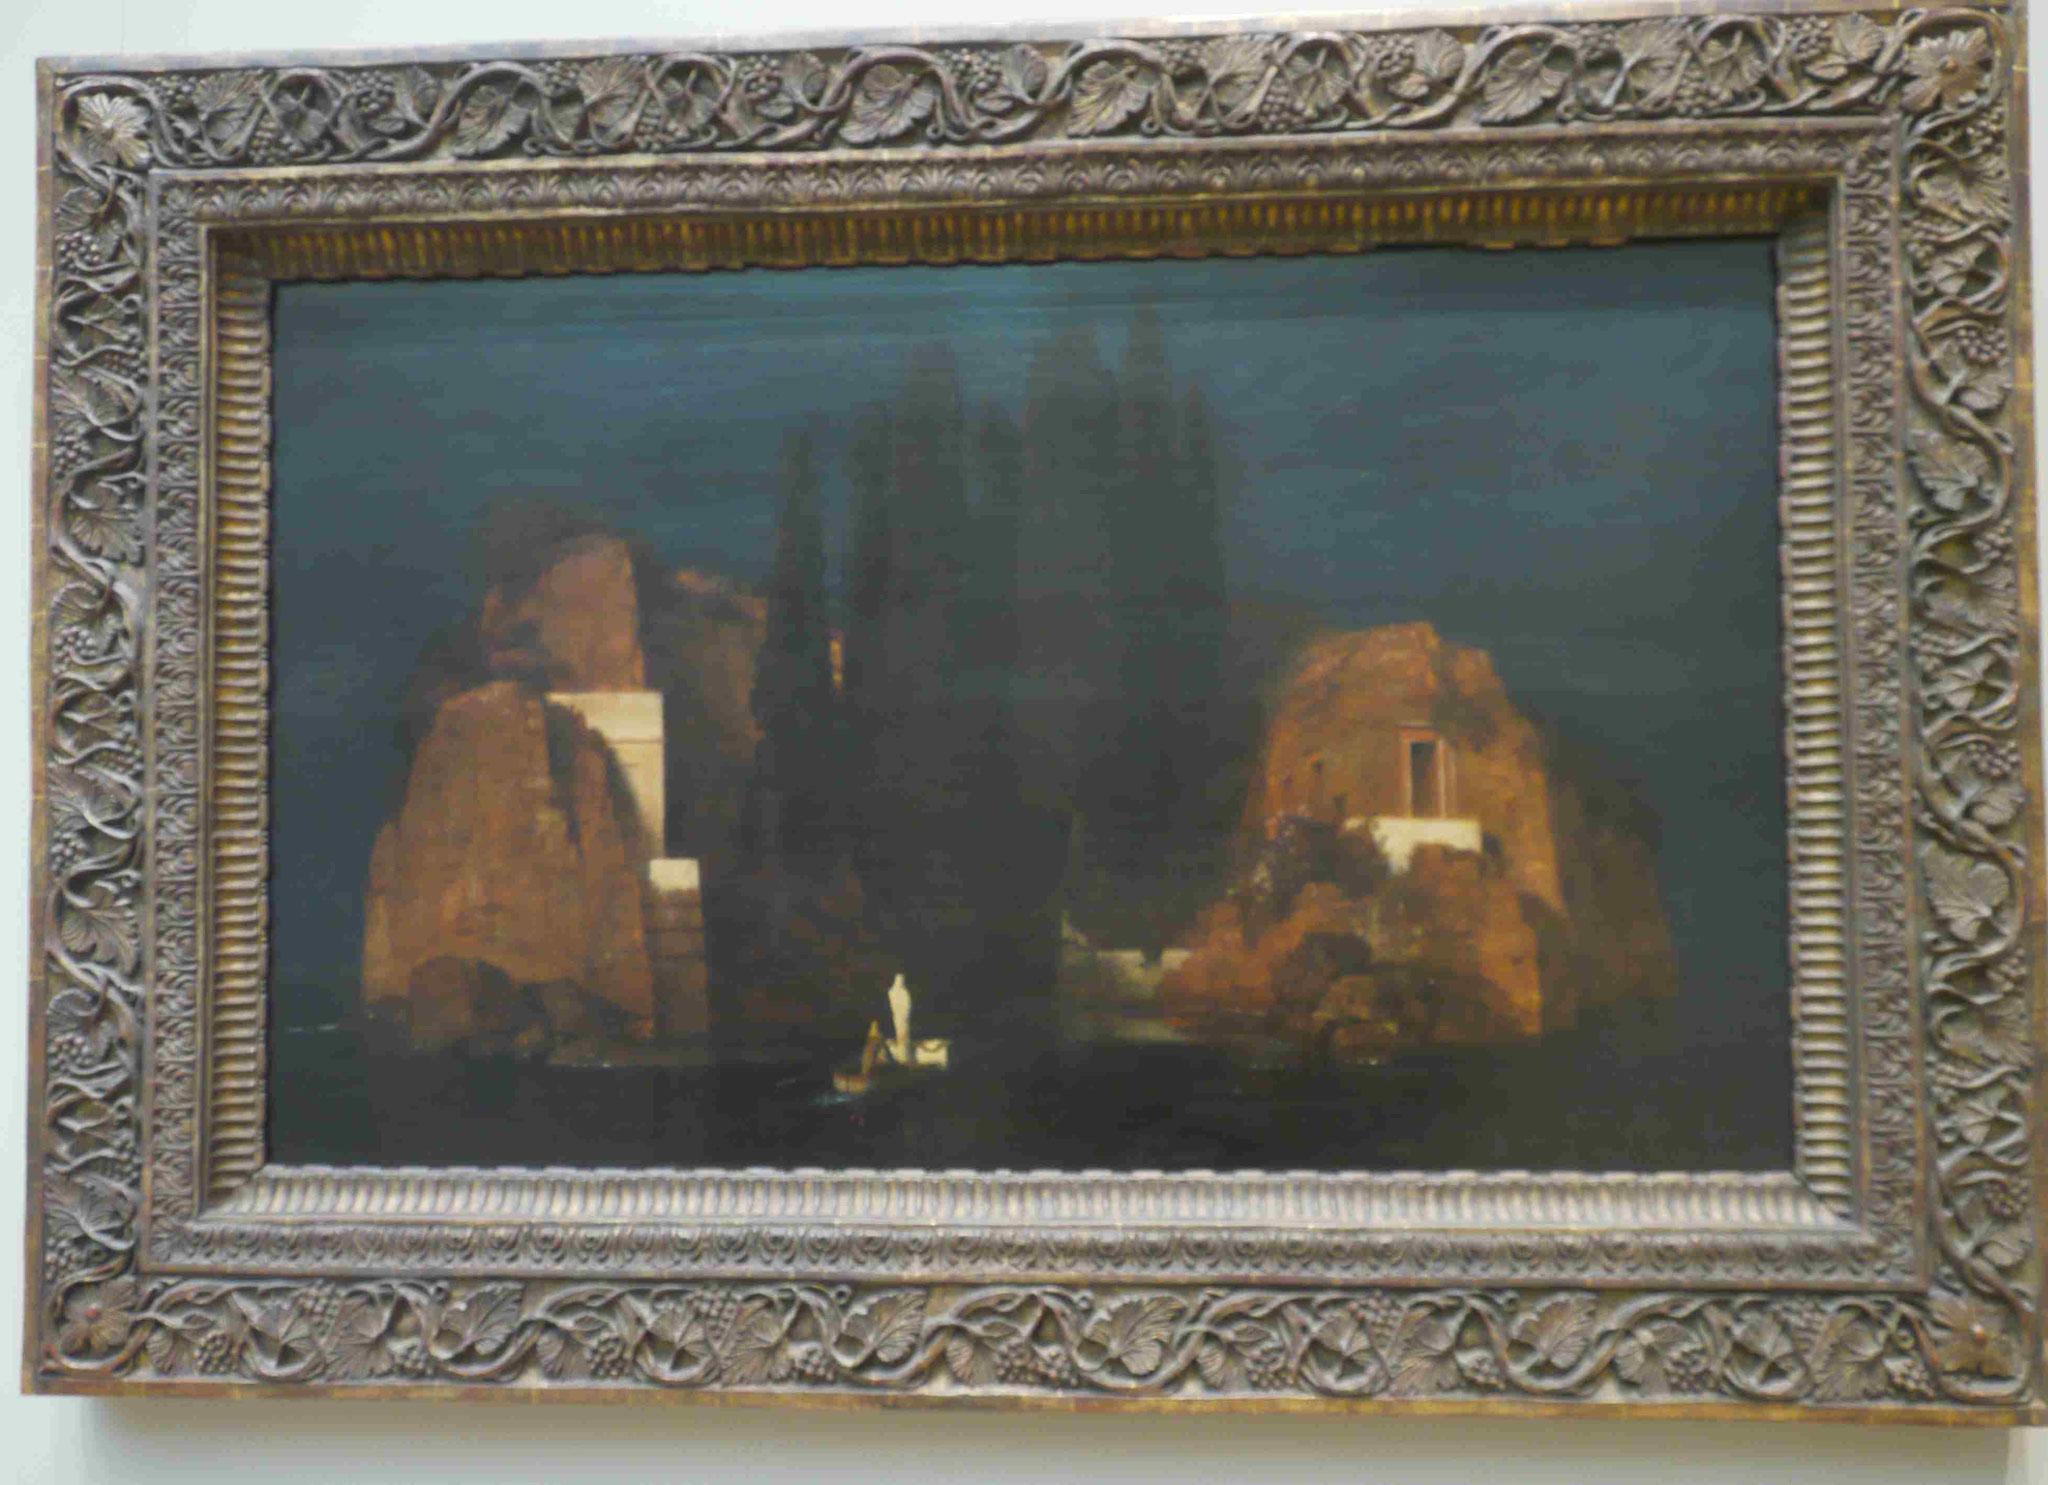 Arnold Böcklin, Die Toteninsel, Met